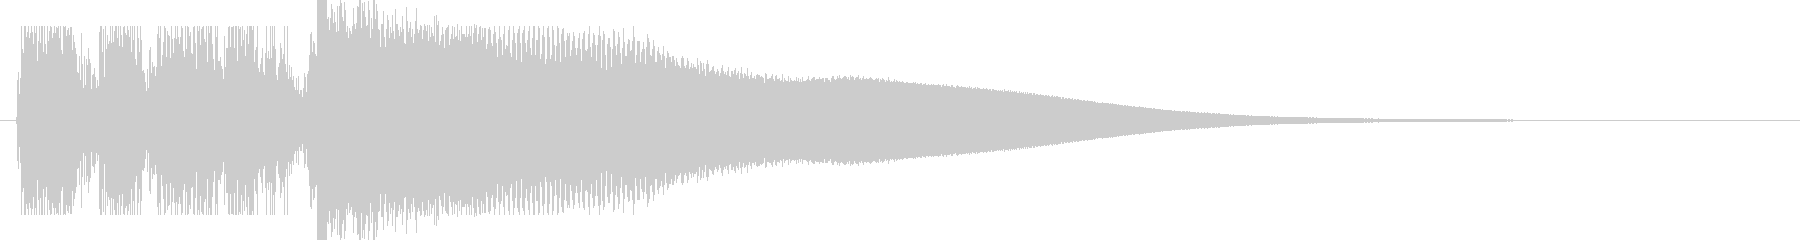 買った音、売った音(レジスター)02の未再生の波形